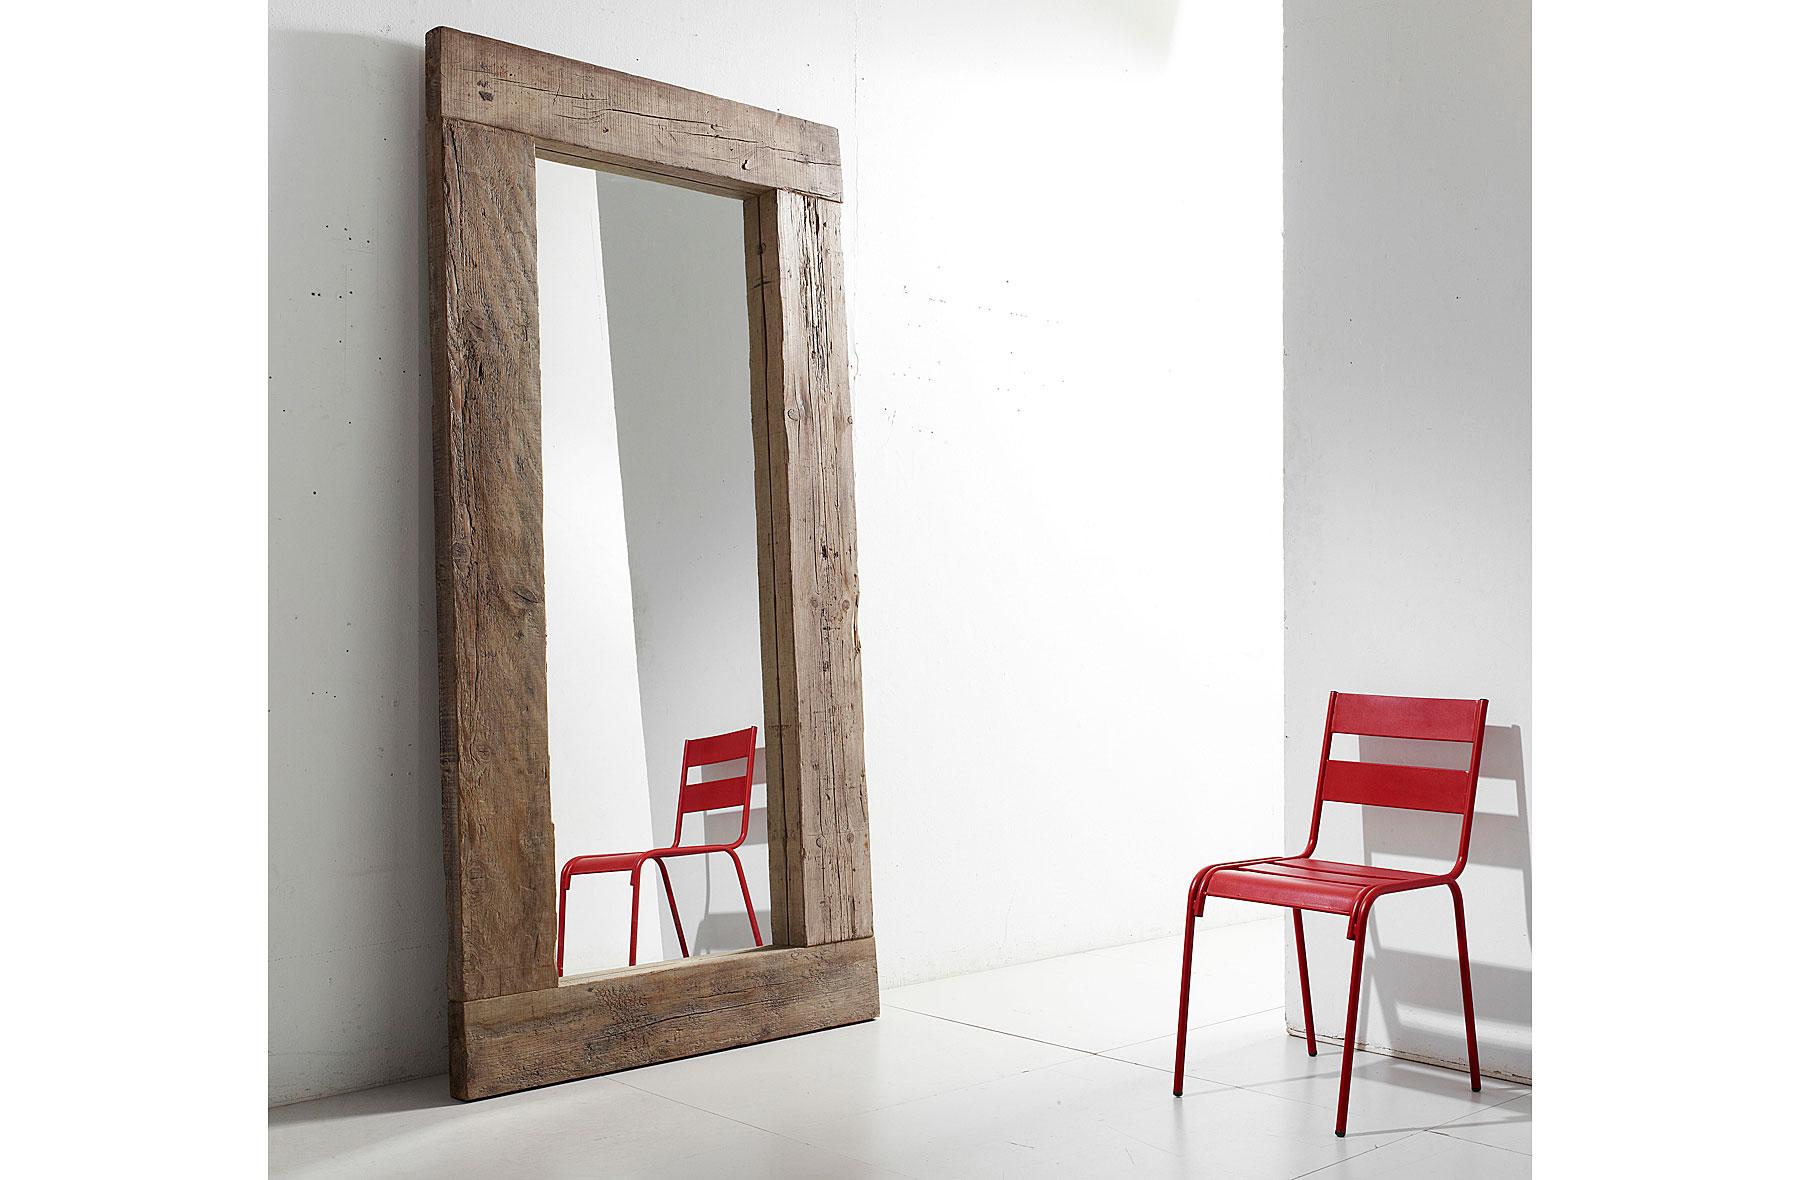 Espejo oreg n de madera centenaria en for Espejos vestidores de pared